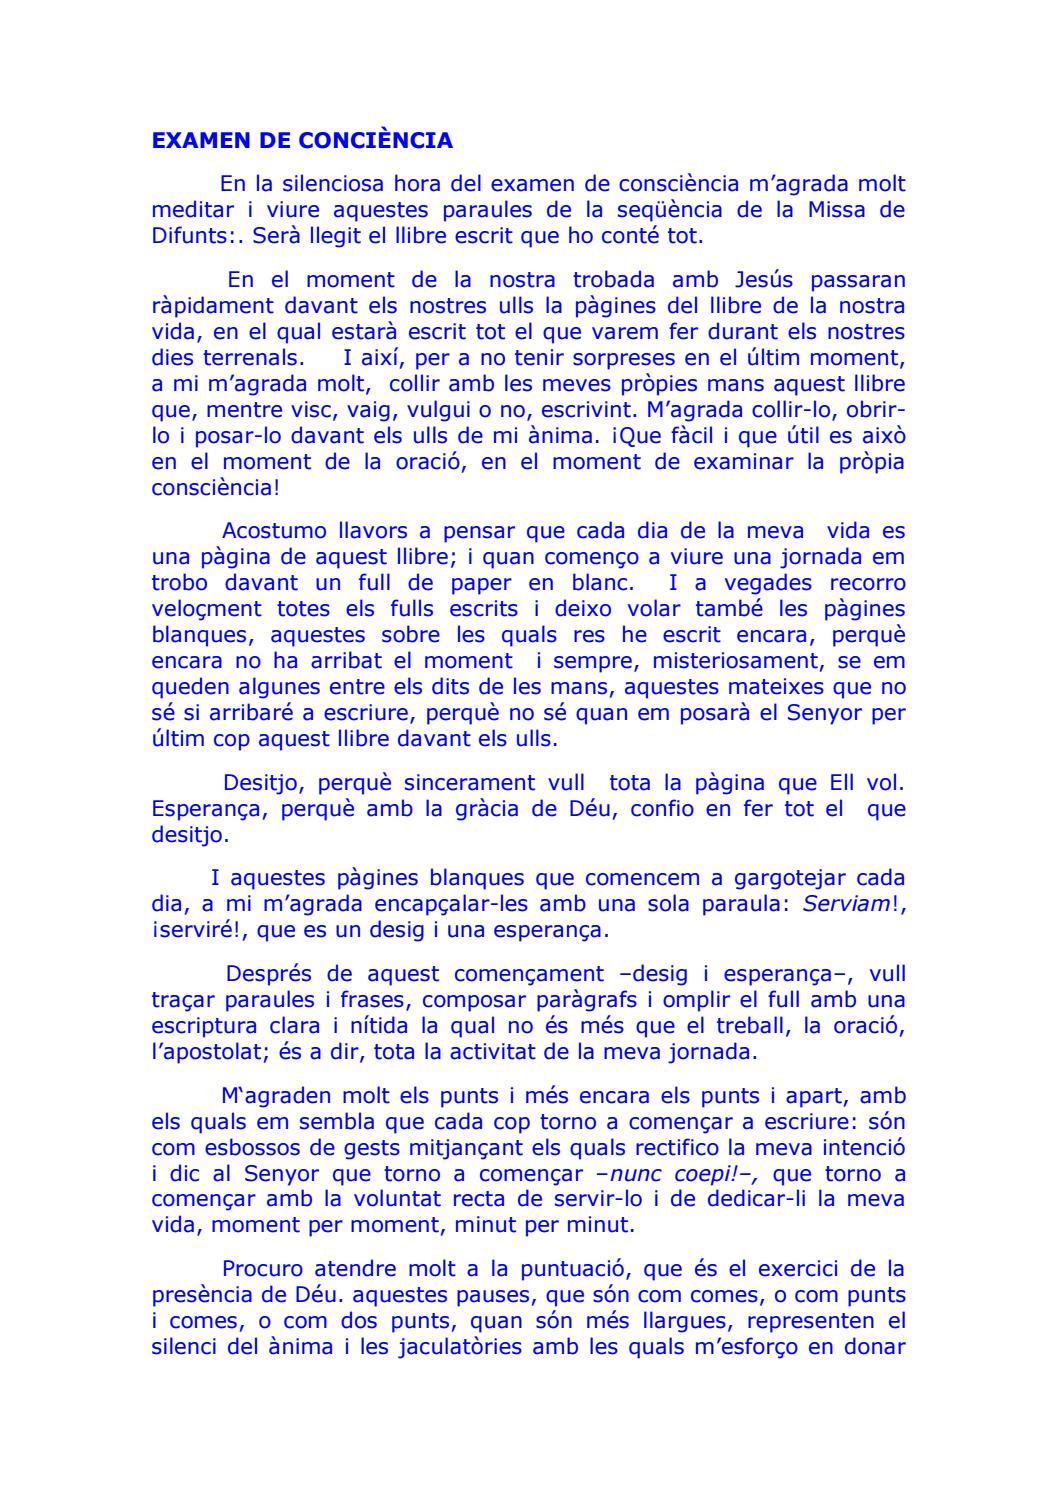 Exàmen De Conciència Dr Canals Català By Oriol Serra Pujol